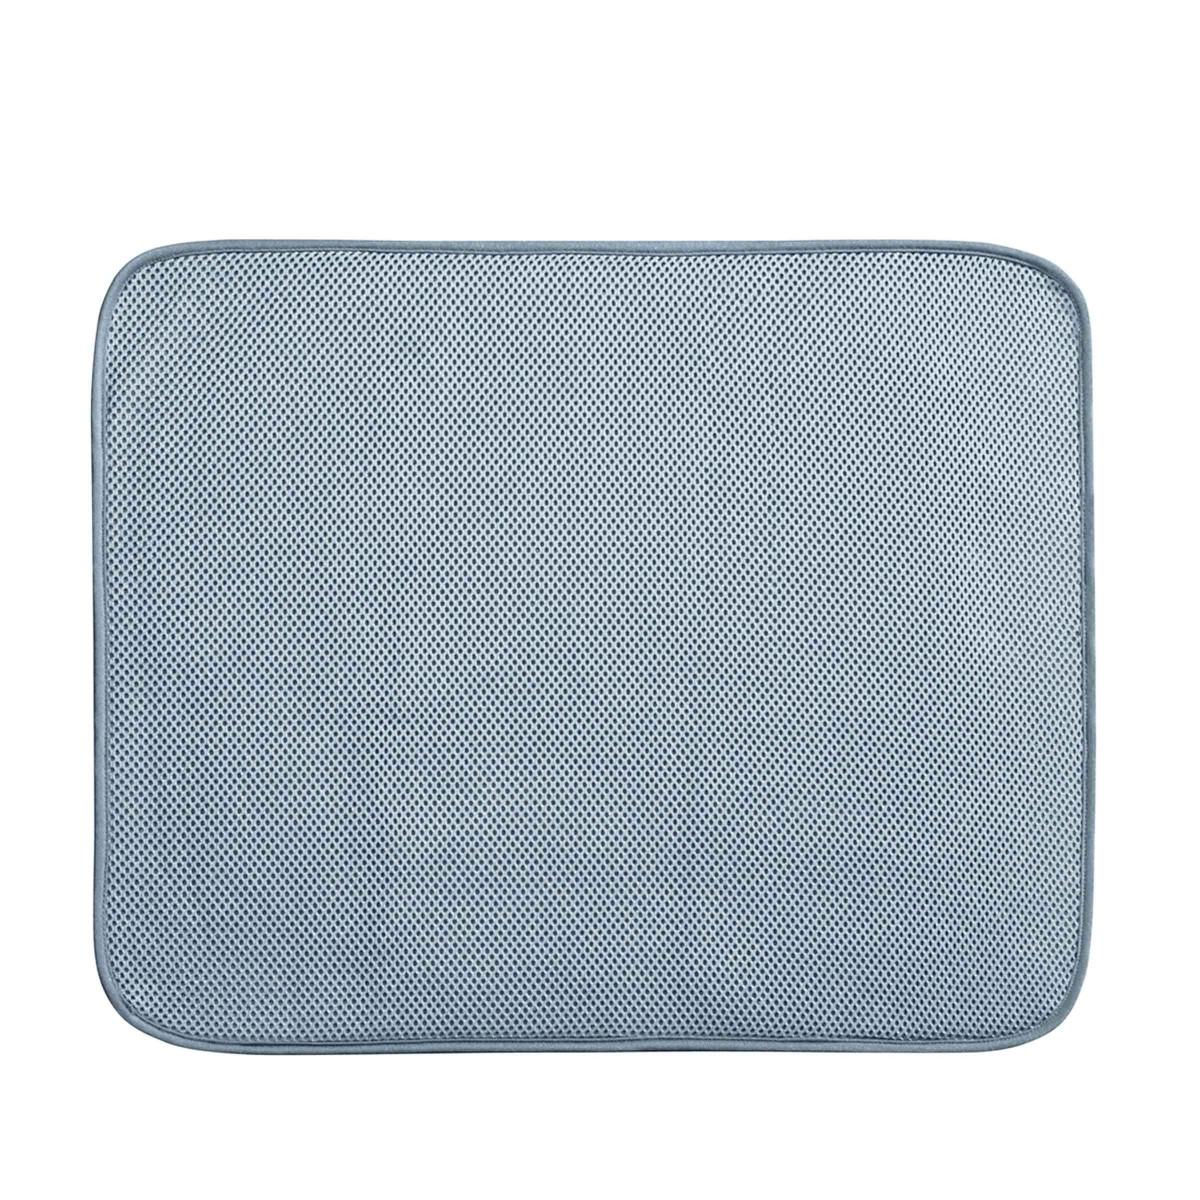 tapis gouttoir pour vaisselle. Black Bedroom Furniture Sets. Home Design Ideas